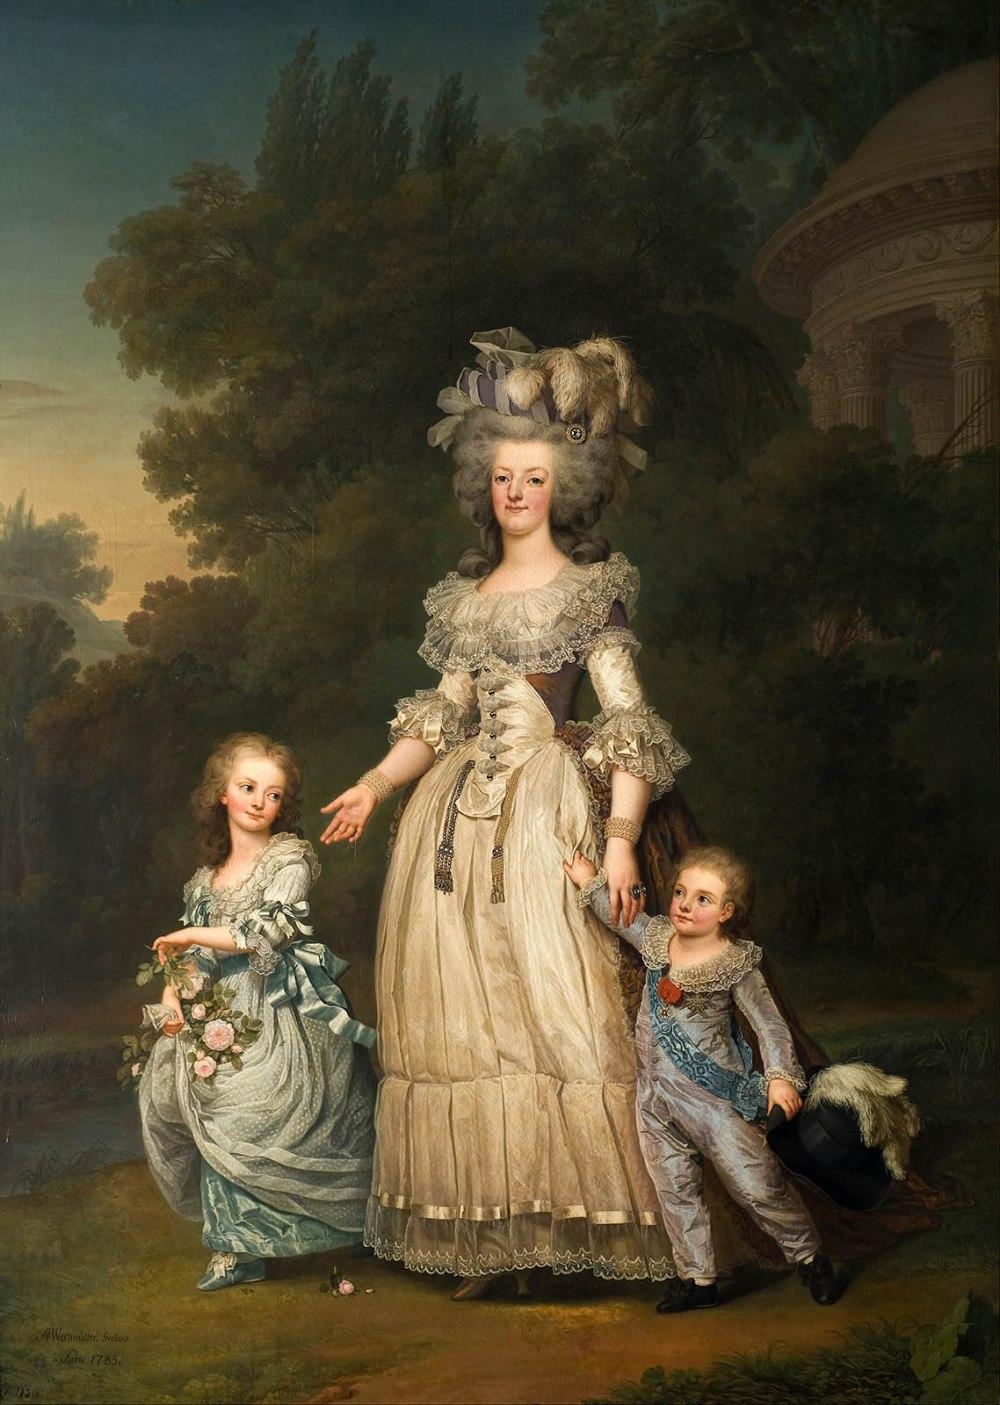 Adolf Ulrik Wertmüller. La reina María Antonieta de Francia y dos de sus hijos paseando por el Parque de Trianon. 1785. Museo Nacional de Bellas Artes de Estocolmo.